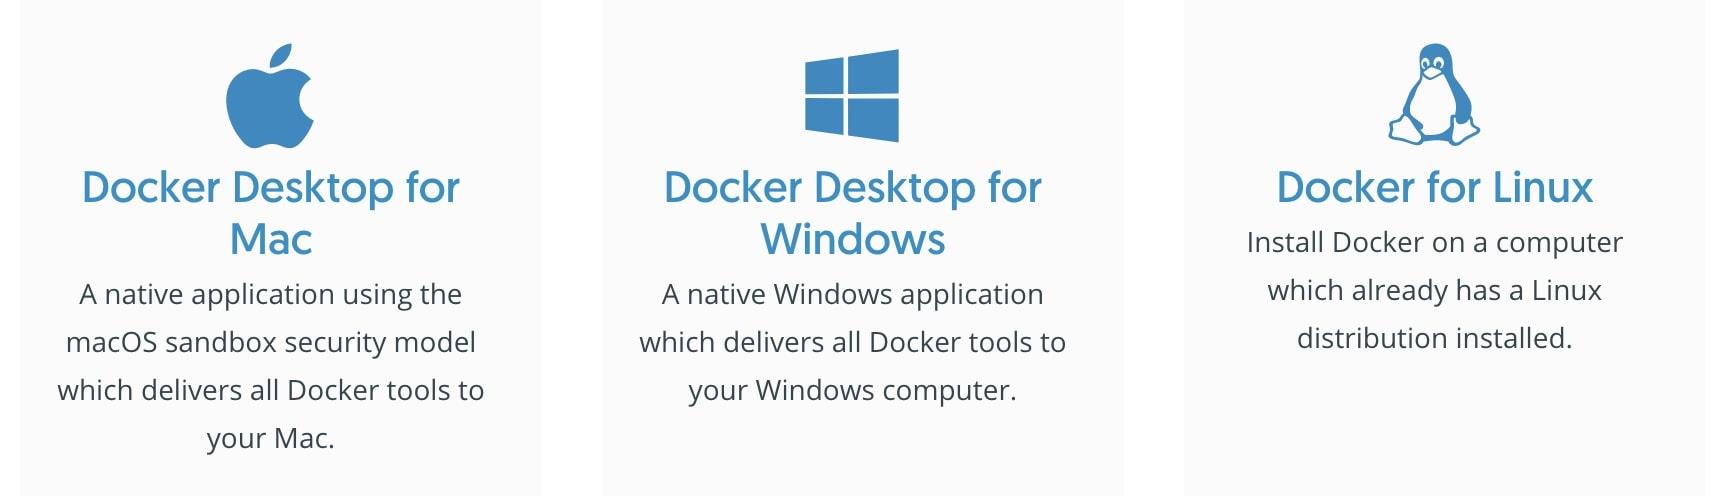 docker download